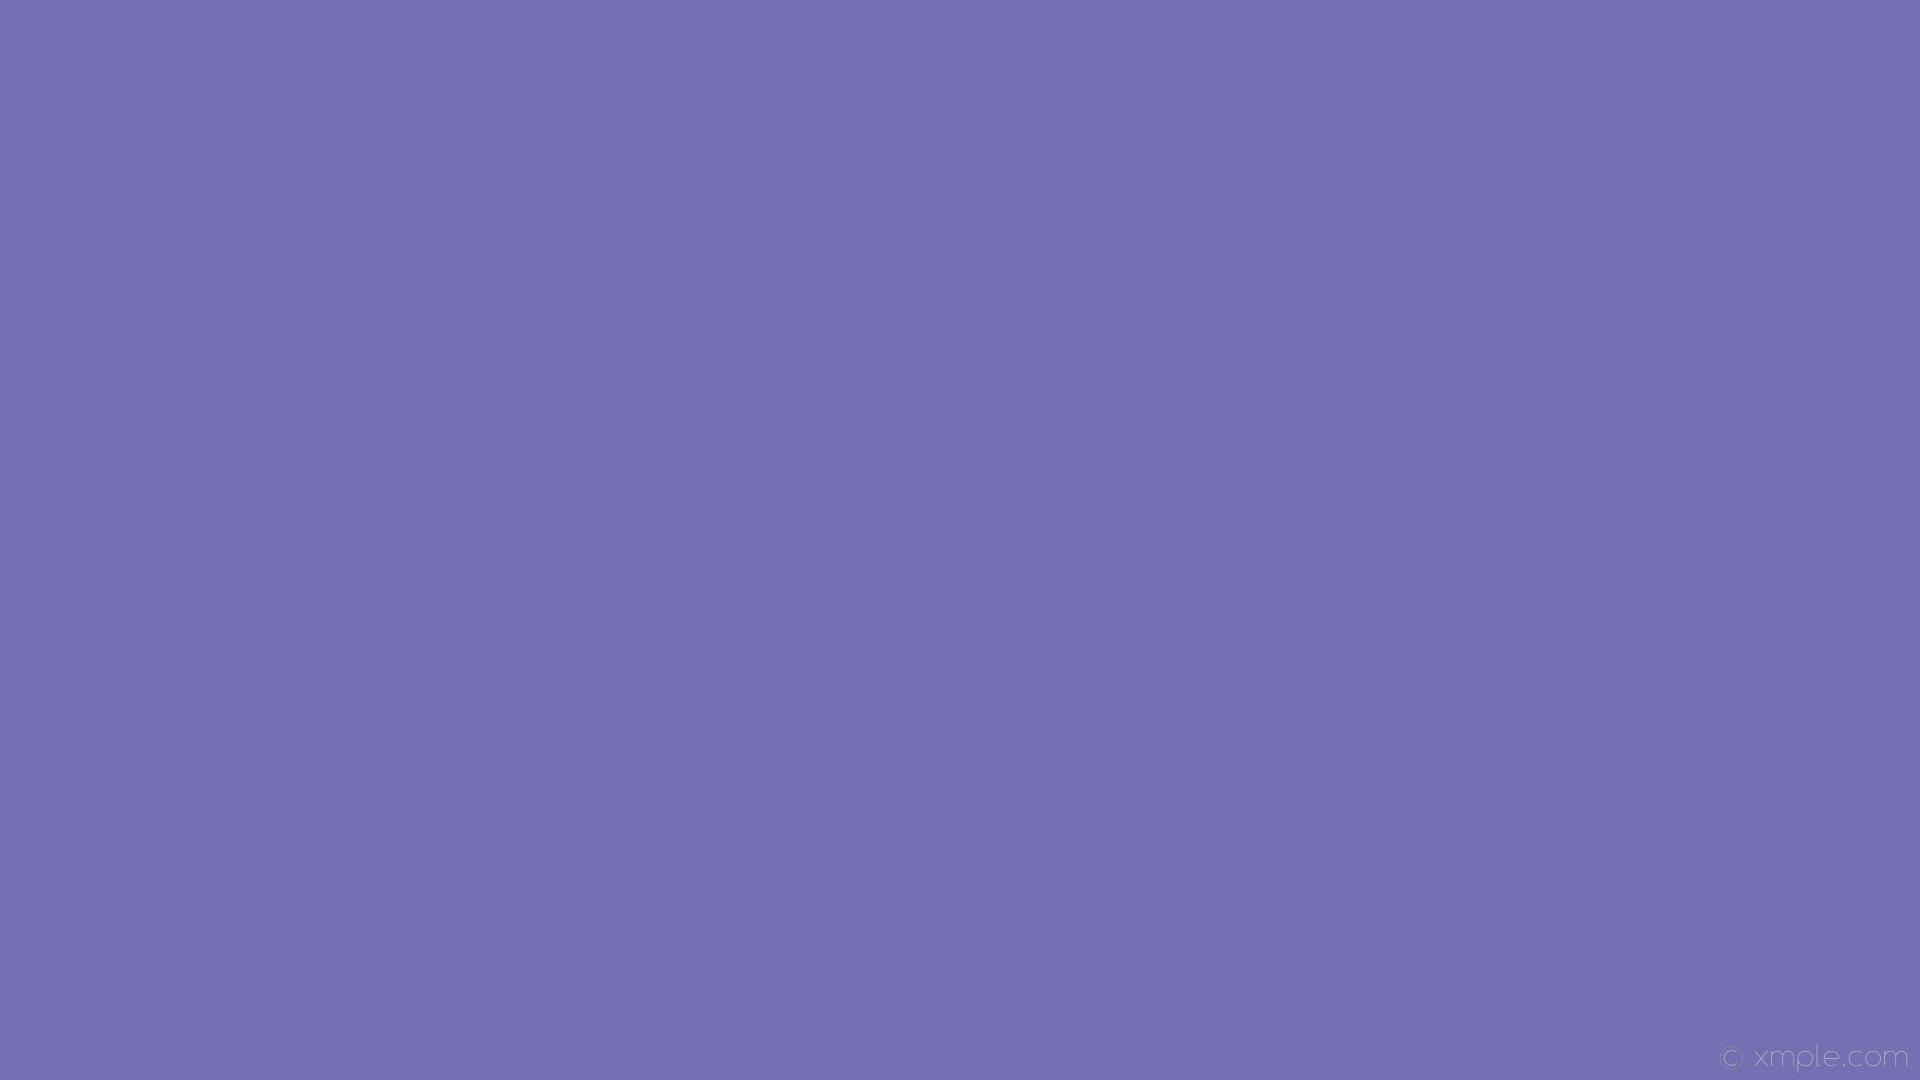 wallpaper one colour solid color plain blue single #7470b3